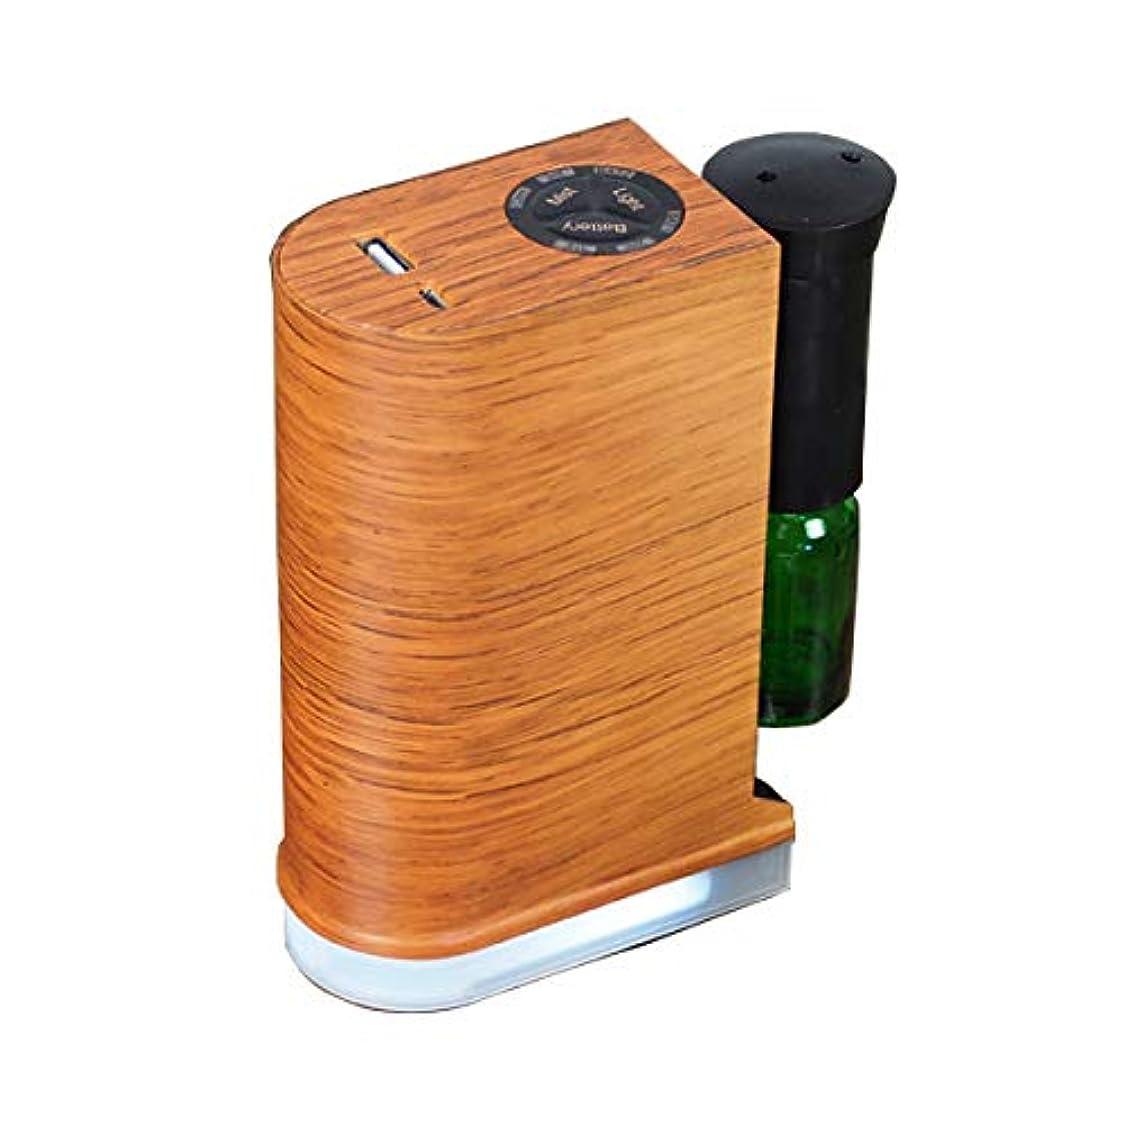 値下げ顔料告白アロマデュフューザー 水を使わない ネブライザー式アロマディフューザー LED搭載 アロマオイル 精油 アロマ芳香 (ブラウン)